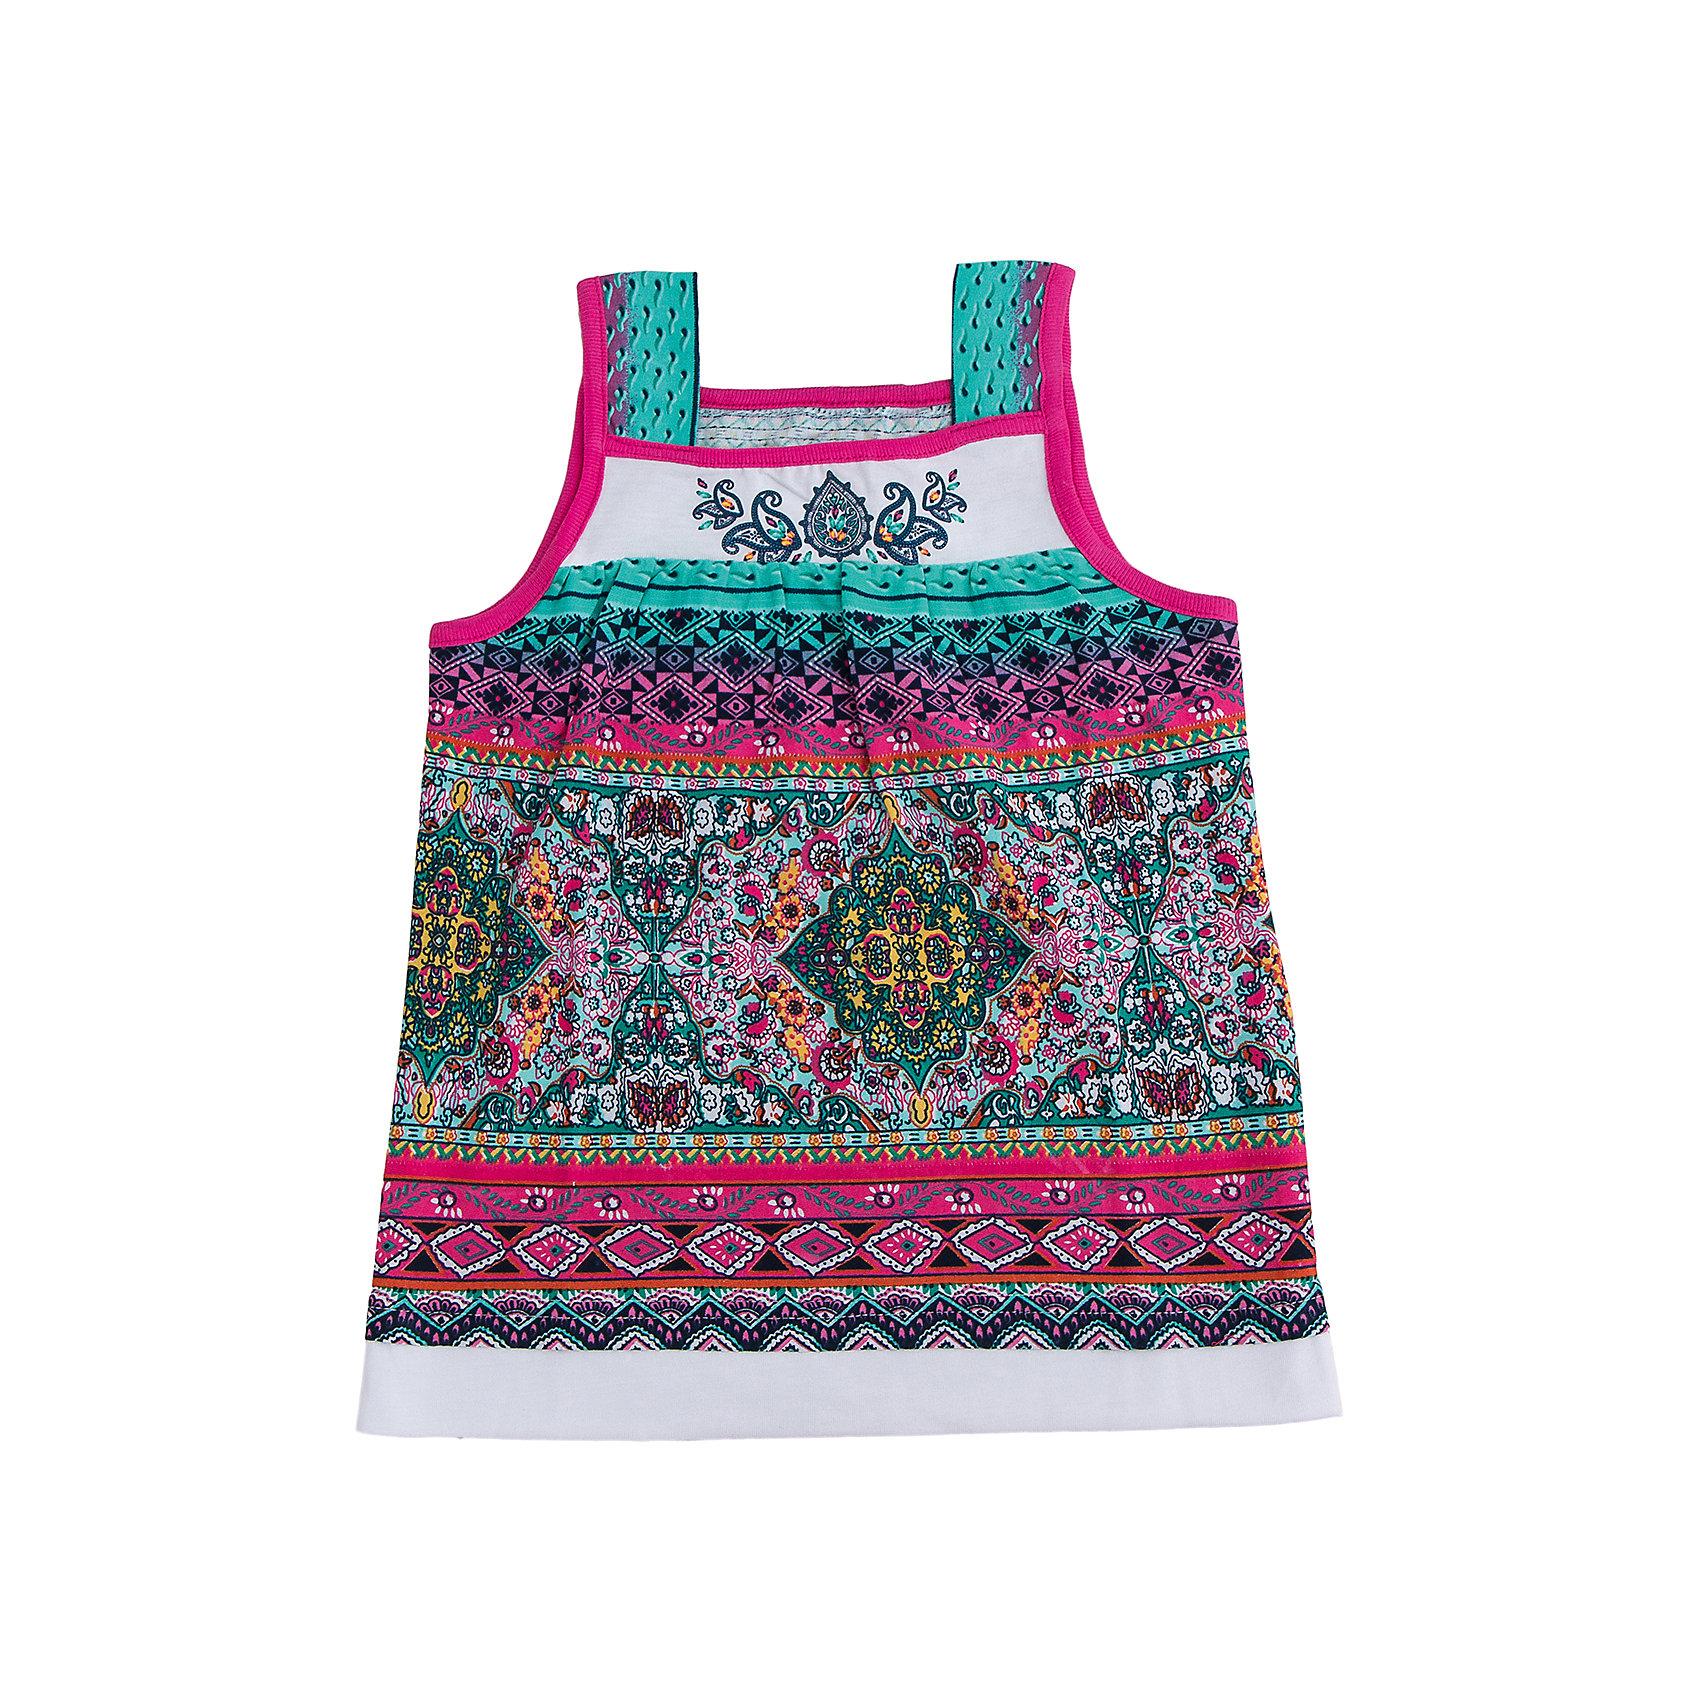 Майка для девочки АпрельФутболки, поло и топы<br>При выборе одежды для маленьких принцесс родители обращают внимание не только на качество, но и на привлекательный внешний вид.<br>Джемпер коллекции Шелковый путь от торговой марки Апрель — это  модель, которая изготовлена из безопасных материалов и имеет необходимые сертификаты качества, скроена с учётом всех важных особенностей строения детской фигуры, за счёт чего обеспечивает исключительный комфорт, отличается дизайном, который определённо понравится девочке. Топ без рукавов, обрамлен контрастной окантовкой, украшен дизайнерским принтом и набивкой. Прекрасный вариант для прогулки! Джемпер Шелковый путь можно сочетать с леггинсами из одноименной коллекции.<br><br>Дополнительная информация: <br><br>- материал: хлопок 100%, кулирка<br>- длина рукава: без рукавов<br>- вид бретелек: широкие бретельки<br>- длина изделия: по спинке: 40 см<br>- вид застежки: без застежки<br>- фактура материала: трикотажный<br>- по назначению: повседневный стиль<br>- сезон: лето<br>- пол: девочки<br>- комплектация: джемпер<br>- торговая марка: Апрель<br>- страна производитель: Россия<br>- коллекция: Шелковый путь<br><br>Джемпер коллекции Шелковый путь от торговой марки Апрель можно купить в нашем интернет-магазине.<br><br>Ширина мм: 190<br>Глубина мм: 74<br>Высота мм: 229<br>Вес г: 236<br>Цвет: бирюзовый<br>Возраст от месяцев: 48<br>Возраст до месяцев: 60<br>Пол: Женский<br>Возраст: Детский<br>Размер: 110,122,116,128,140,134<br>SKU: 4630392